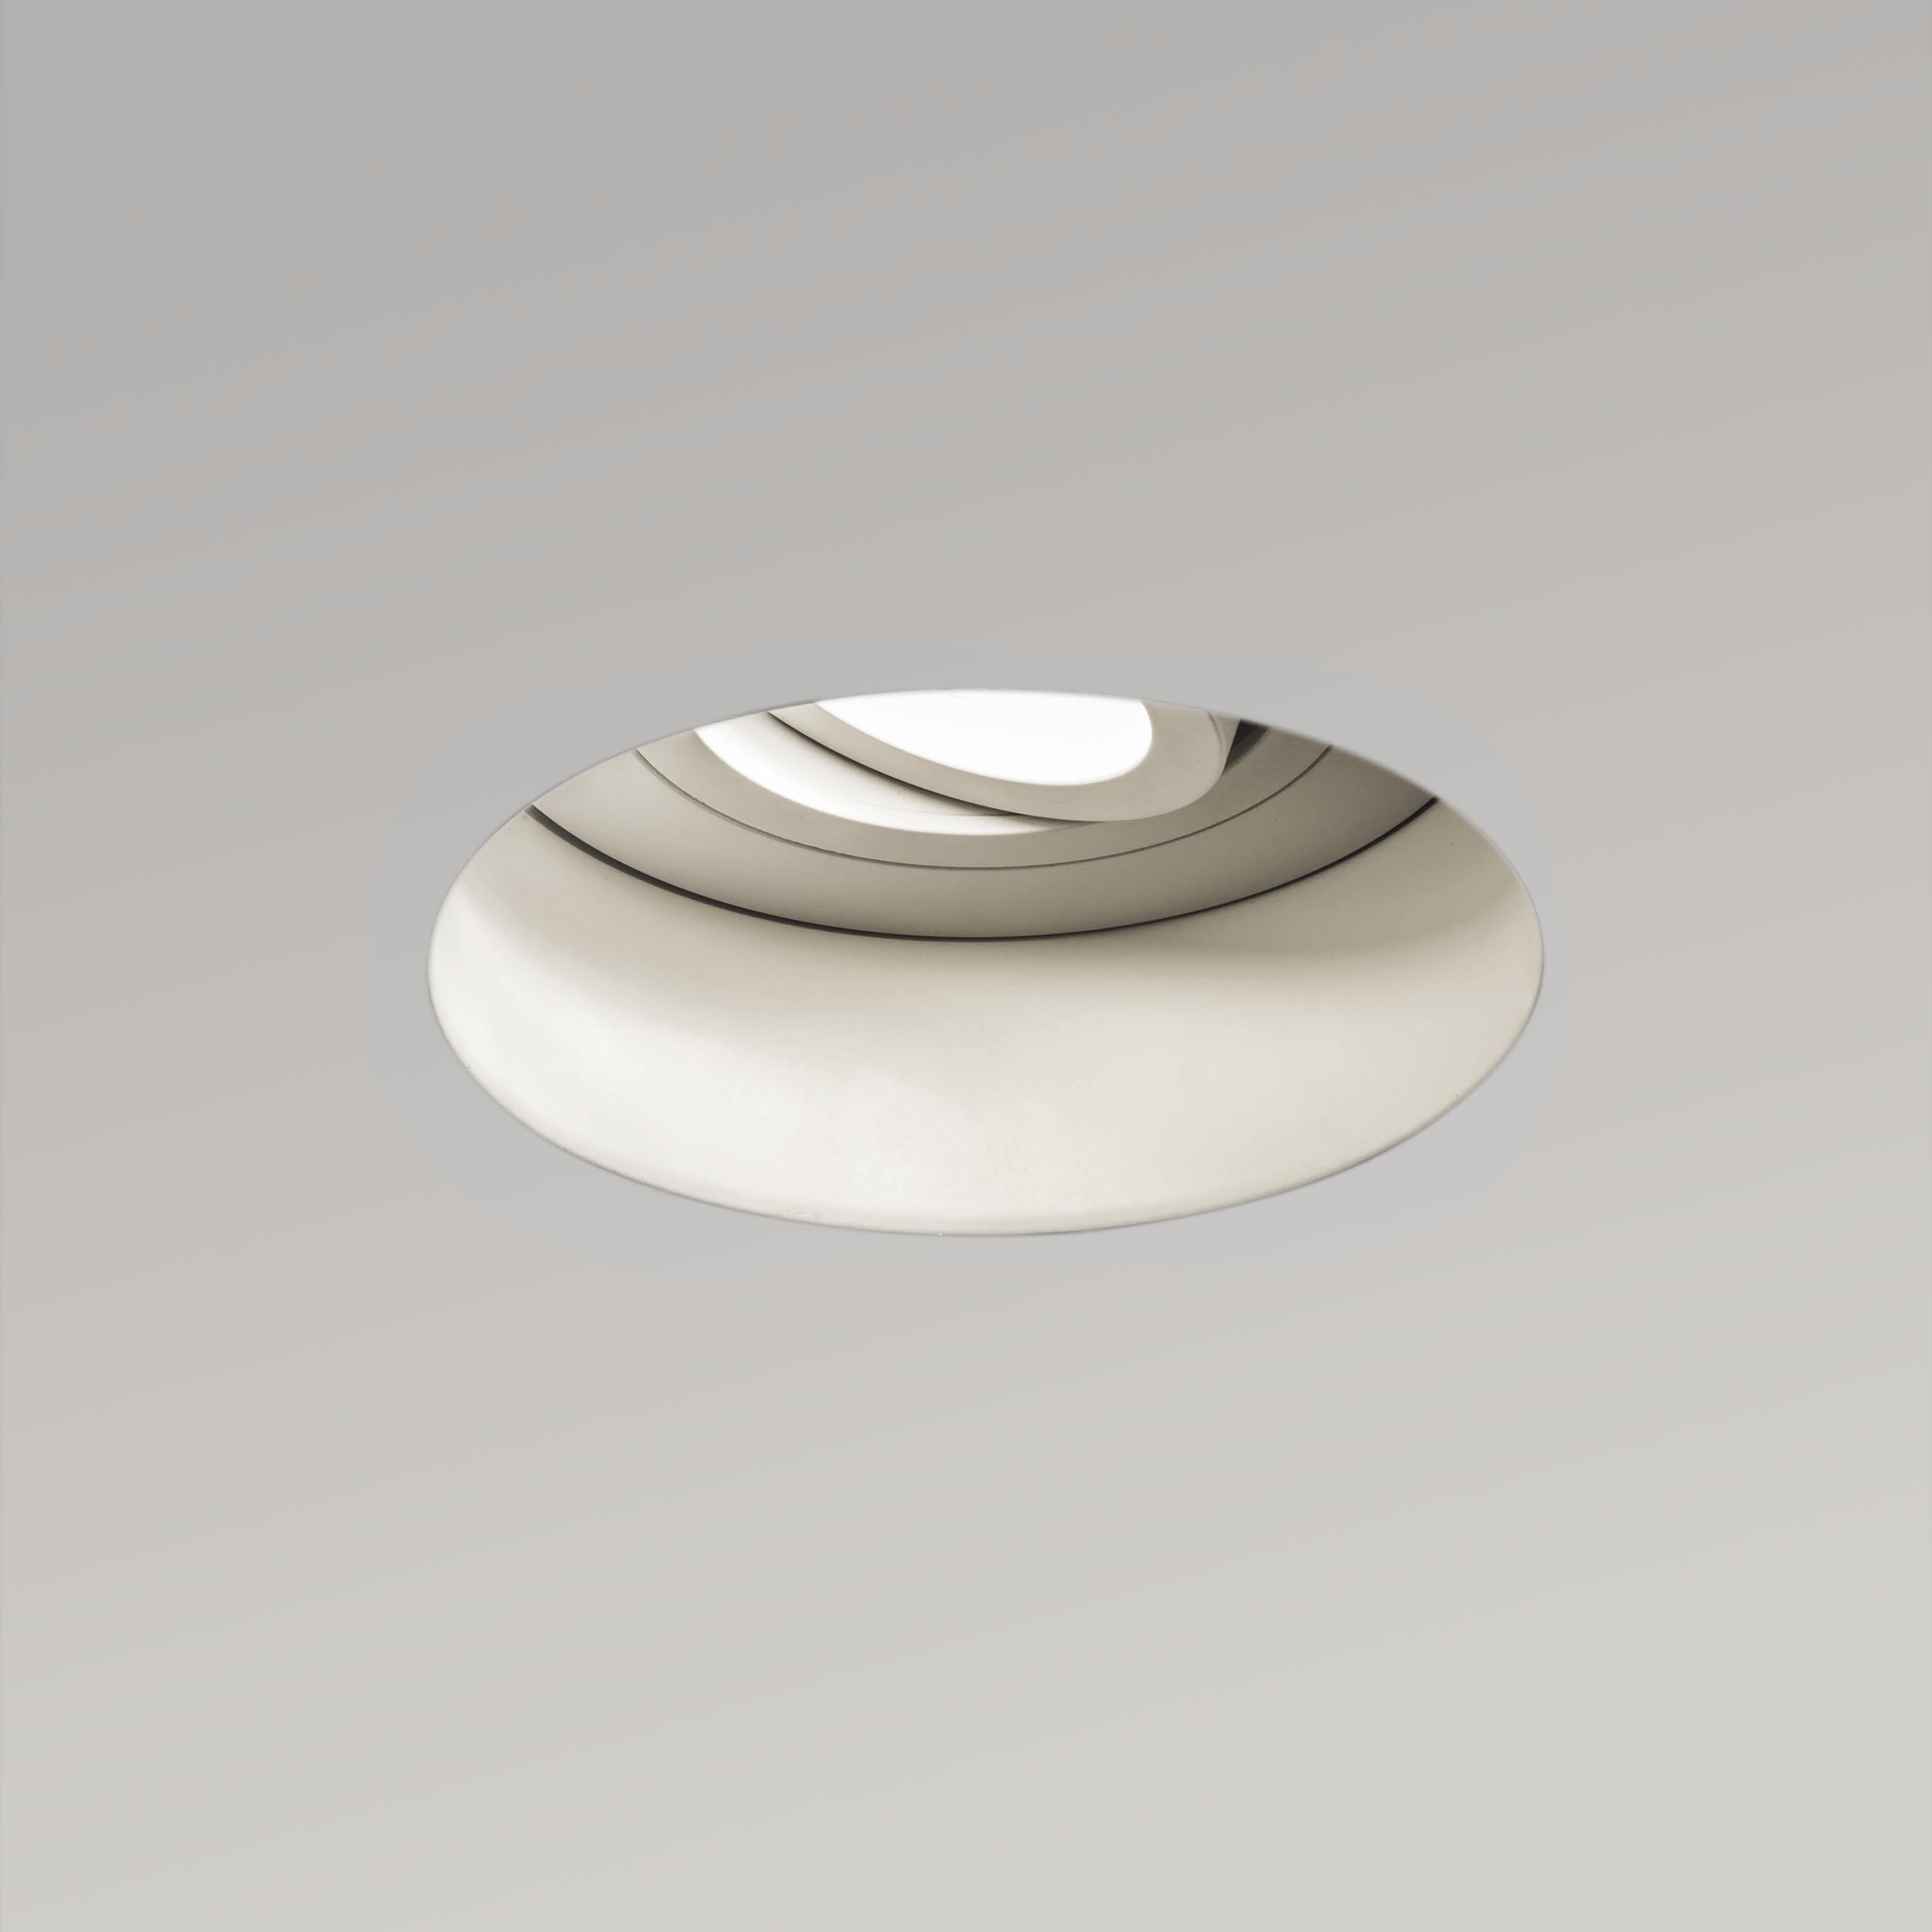 Встраиваемый светильник Astro Trimless 1248006 (5679), 1xGU10x50W, белый, металл - фото 1